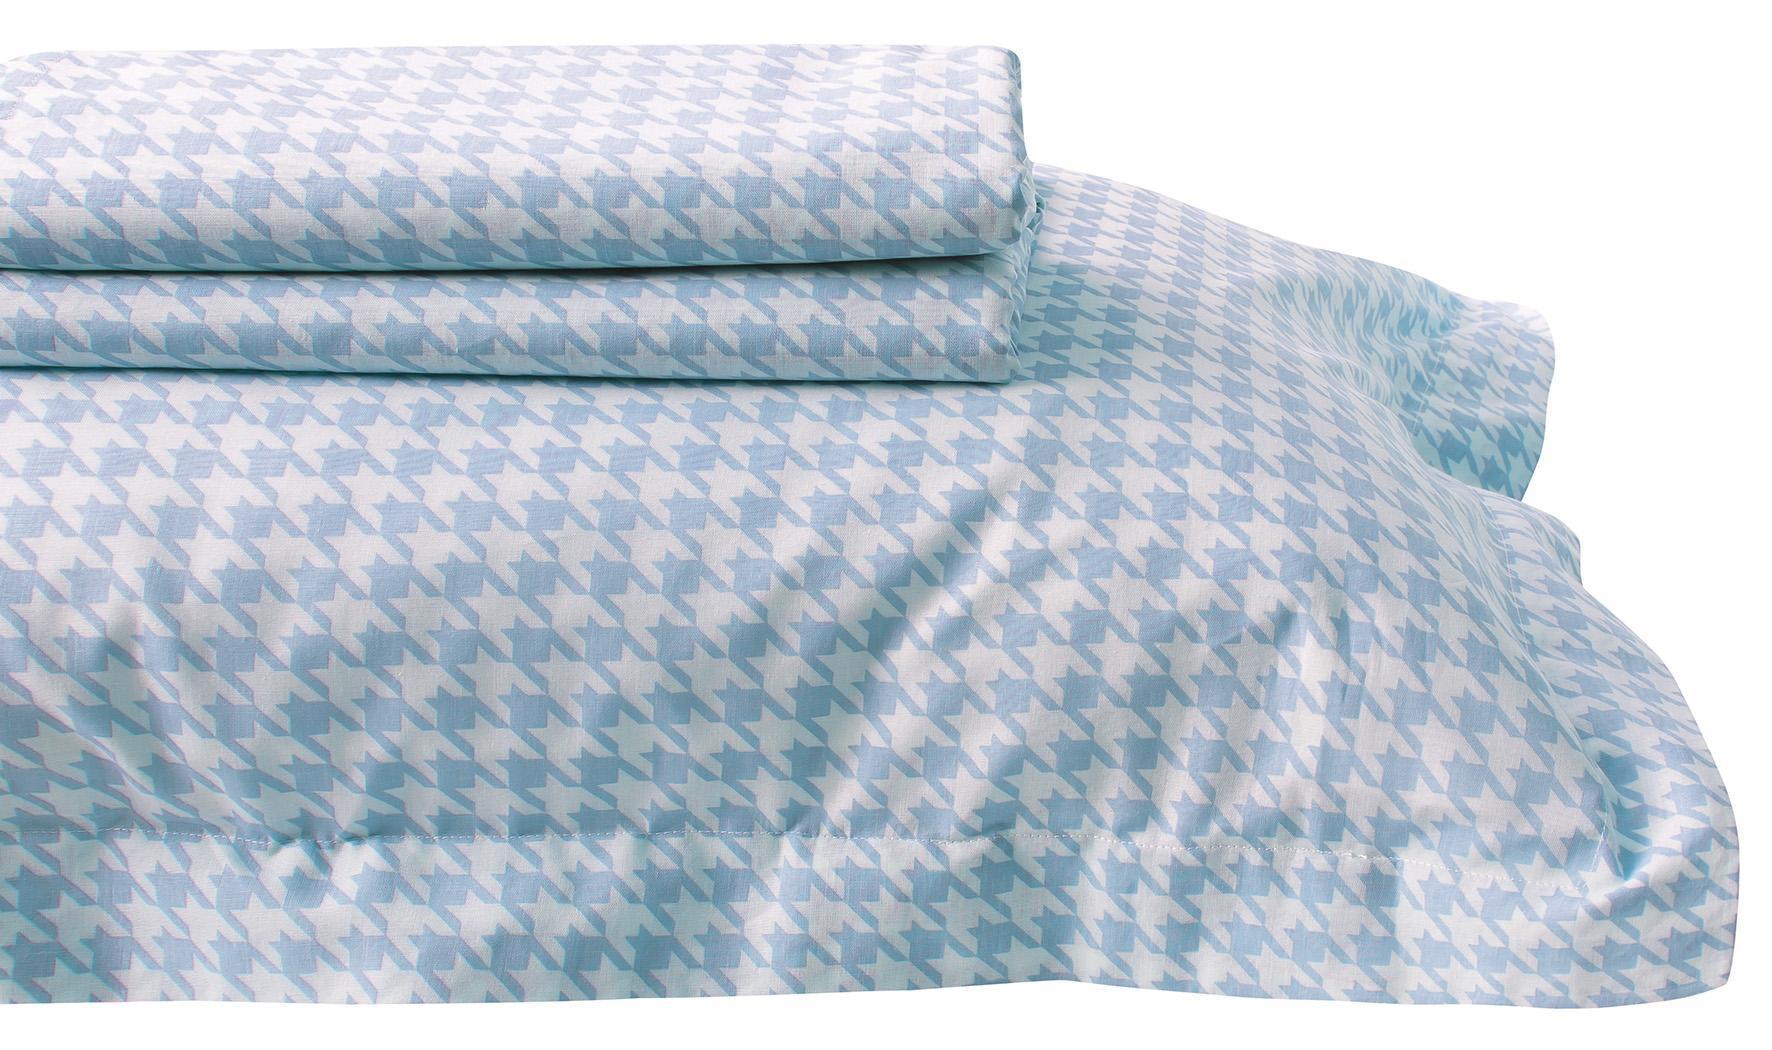 Σεντόνι υπέρδιπλο Simple Line Prints 7208, Das Home (Γαλάζιο, 230Χ260) υπνοδωματιο   σεντόνια   σεντόνια μεμονωμένα υπέρδιπλα